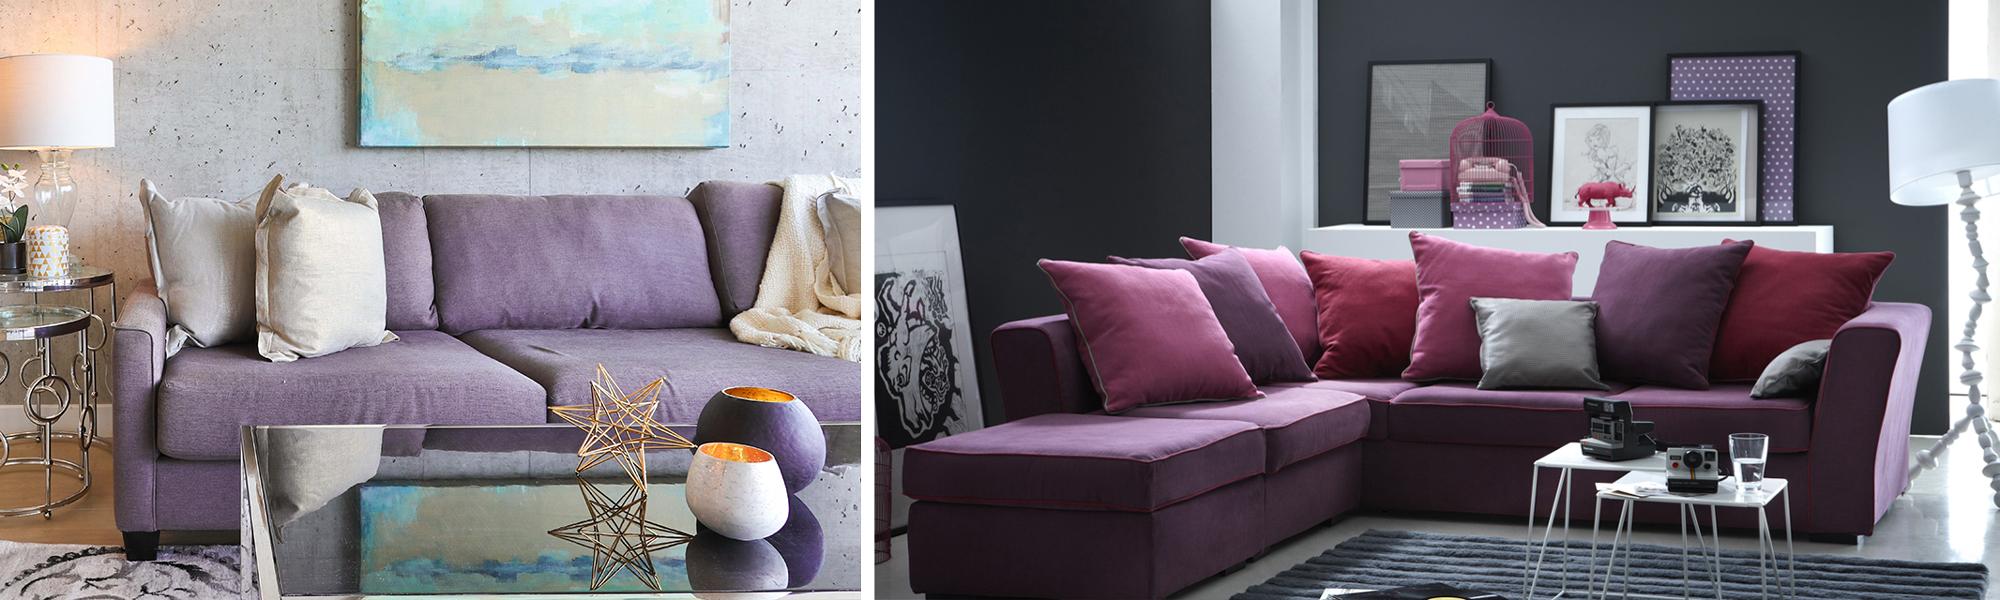 Canapé violet parme déco lilas salon couleurs